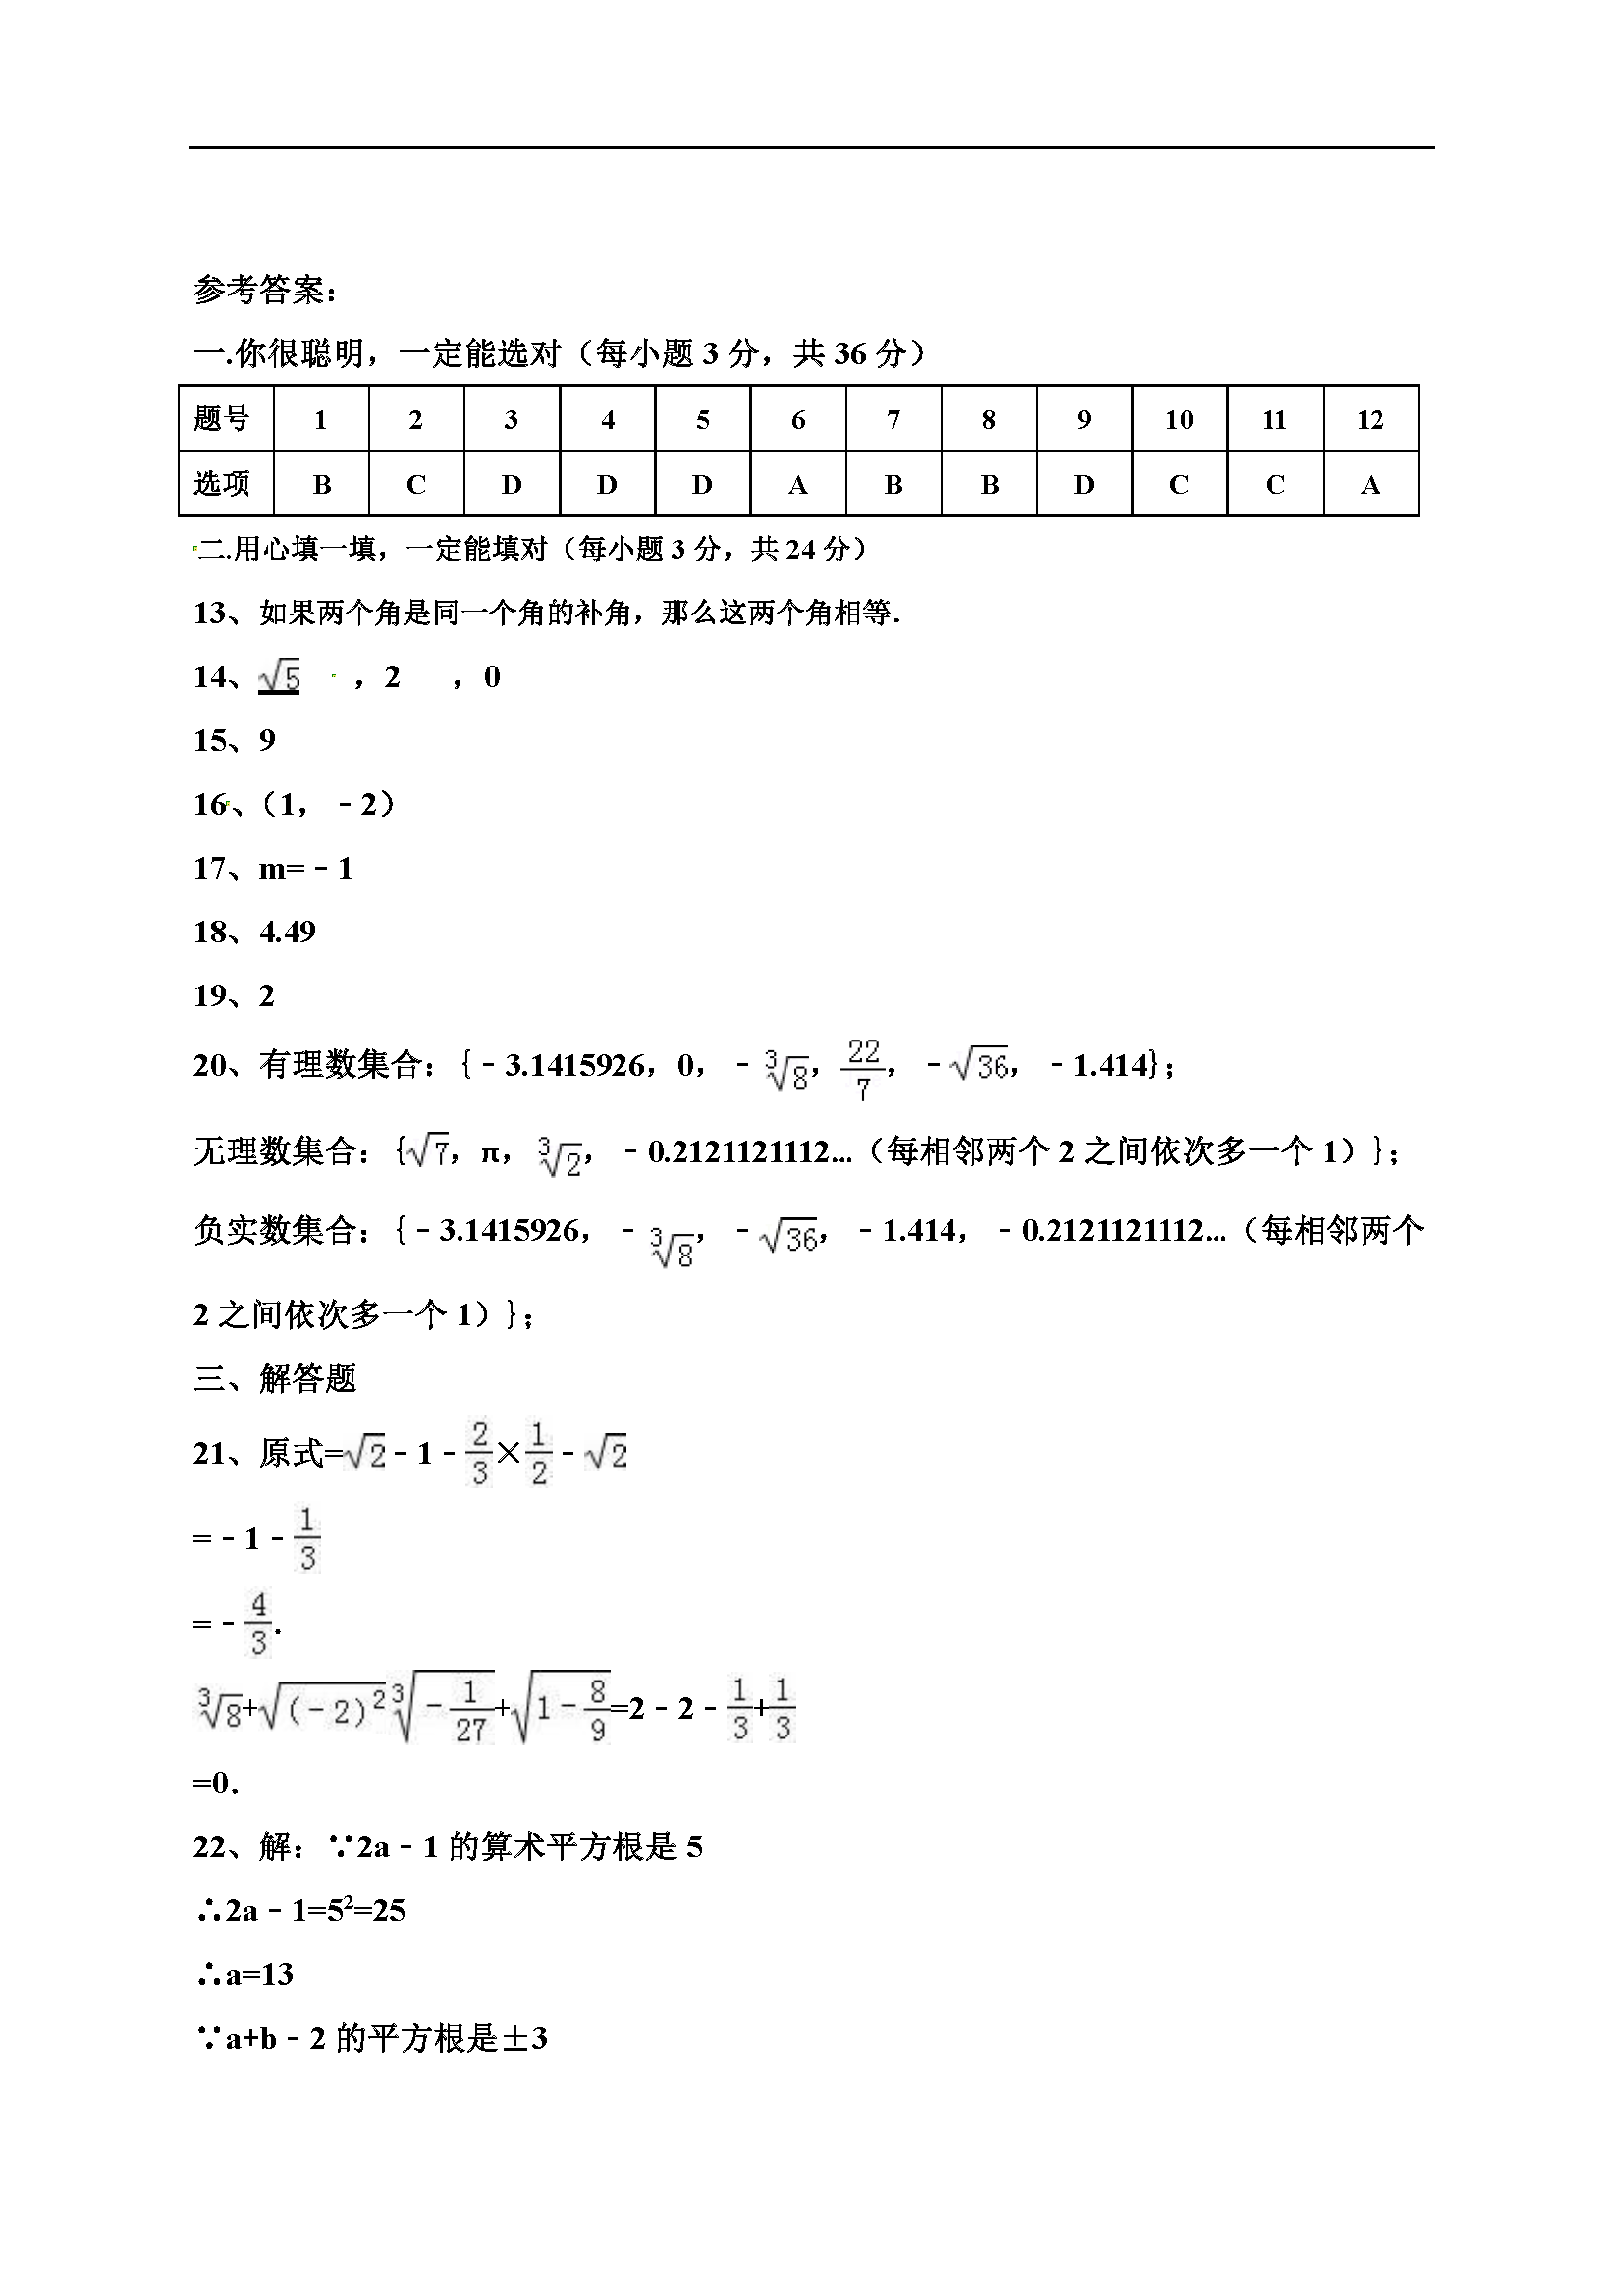 山东武城2017学年七年级下期中考试数学试题答案(Word版)